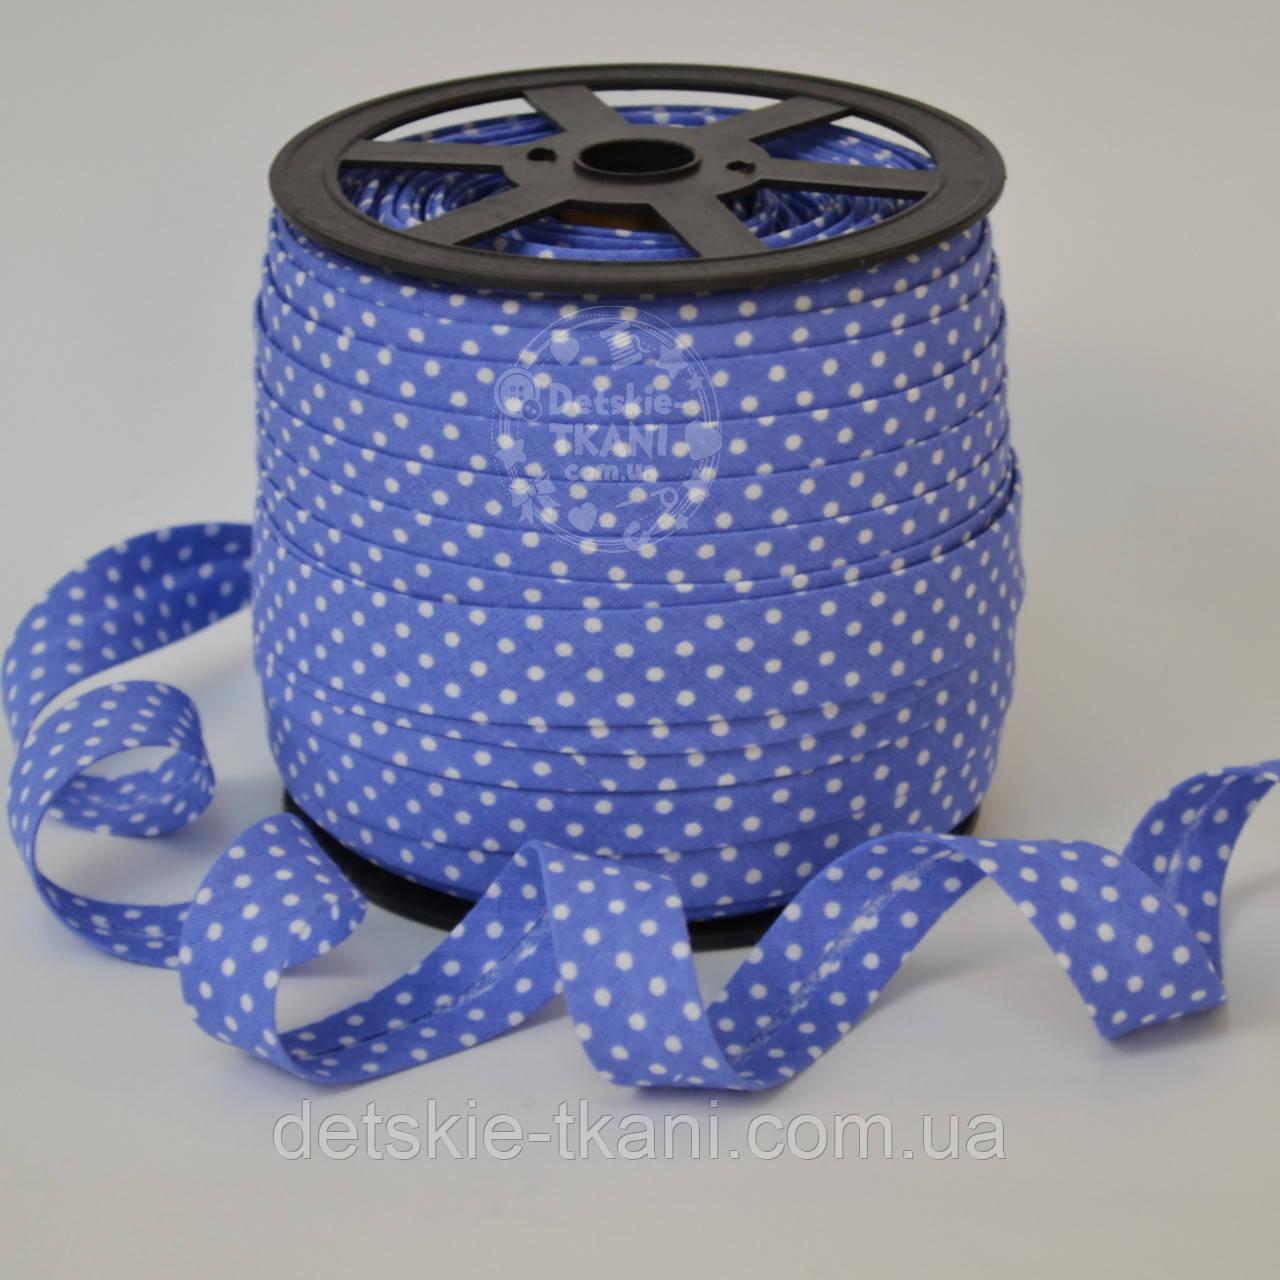 Косая бейка из хлопка с белым горошком 2 мм на темно-голубом фоне